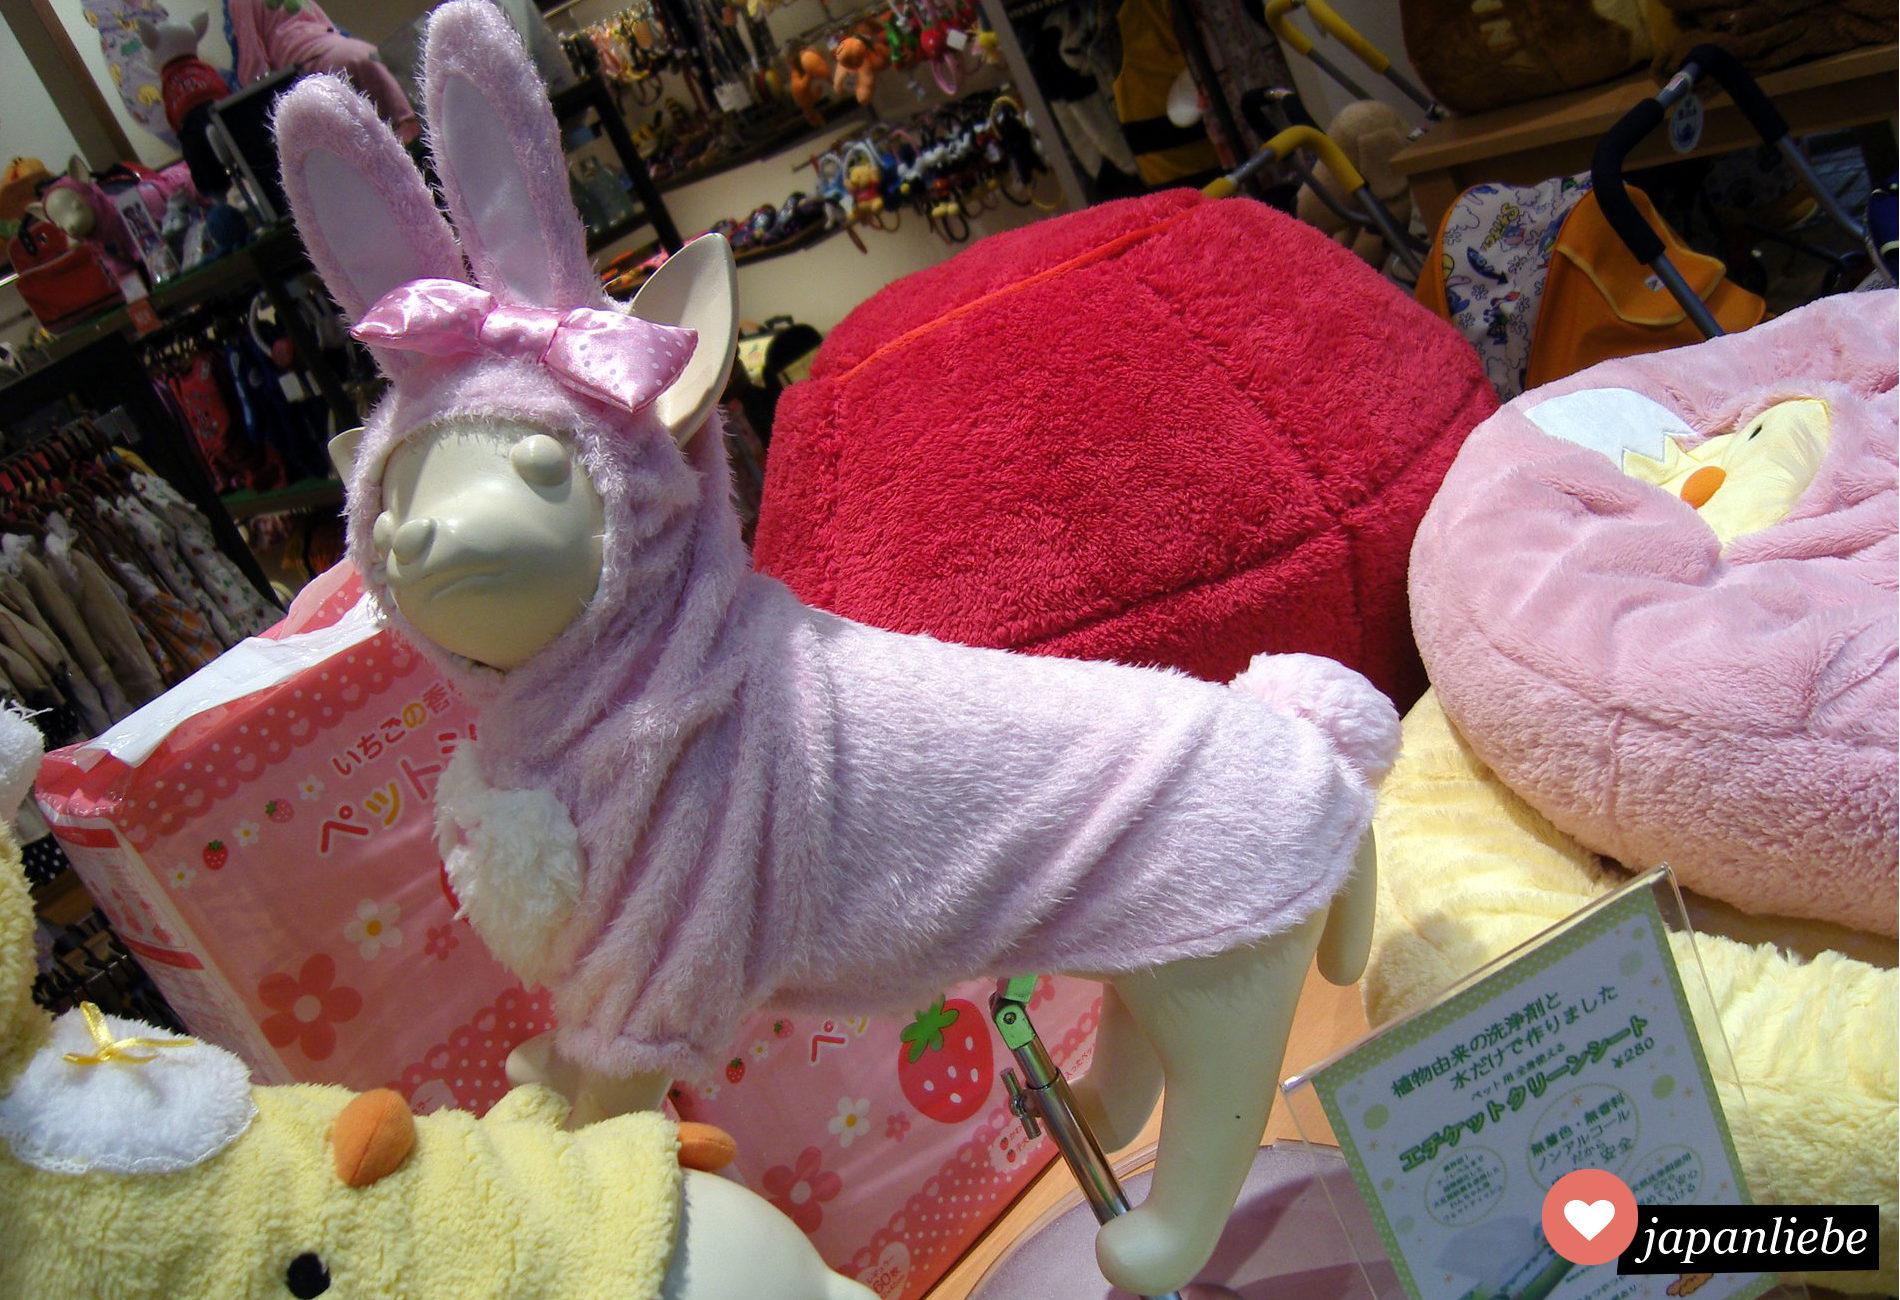 Ein Häschen-Kostüm für Hunde.